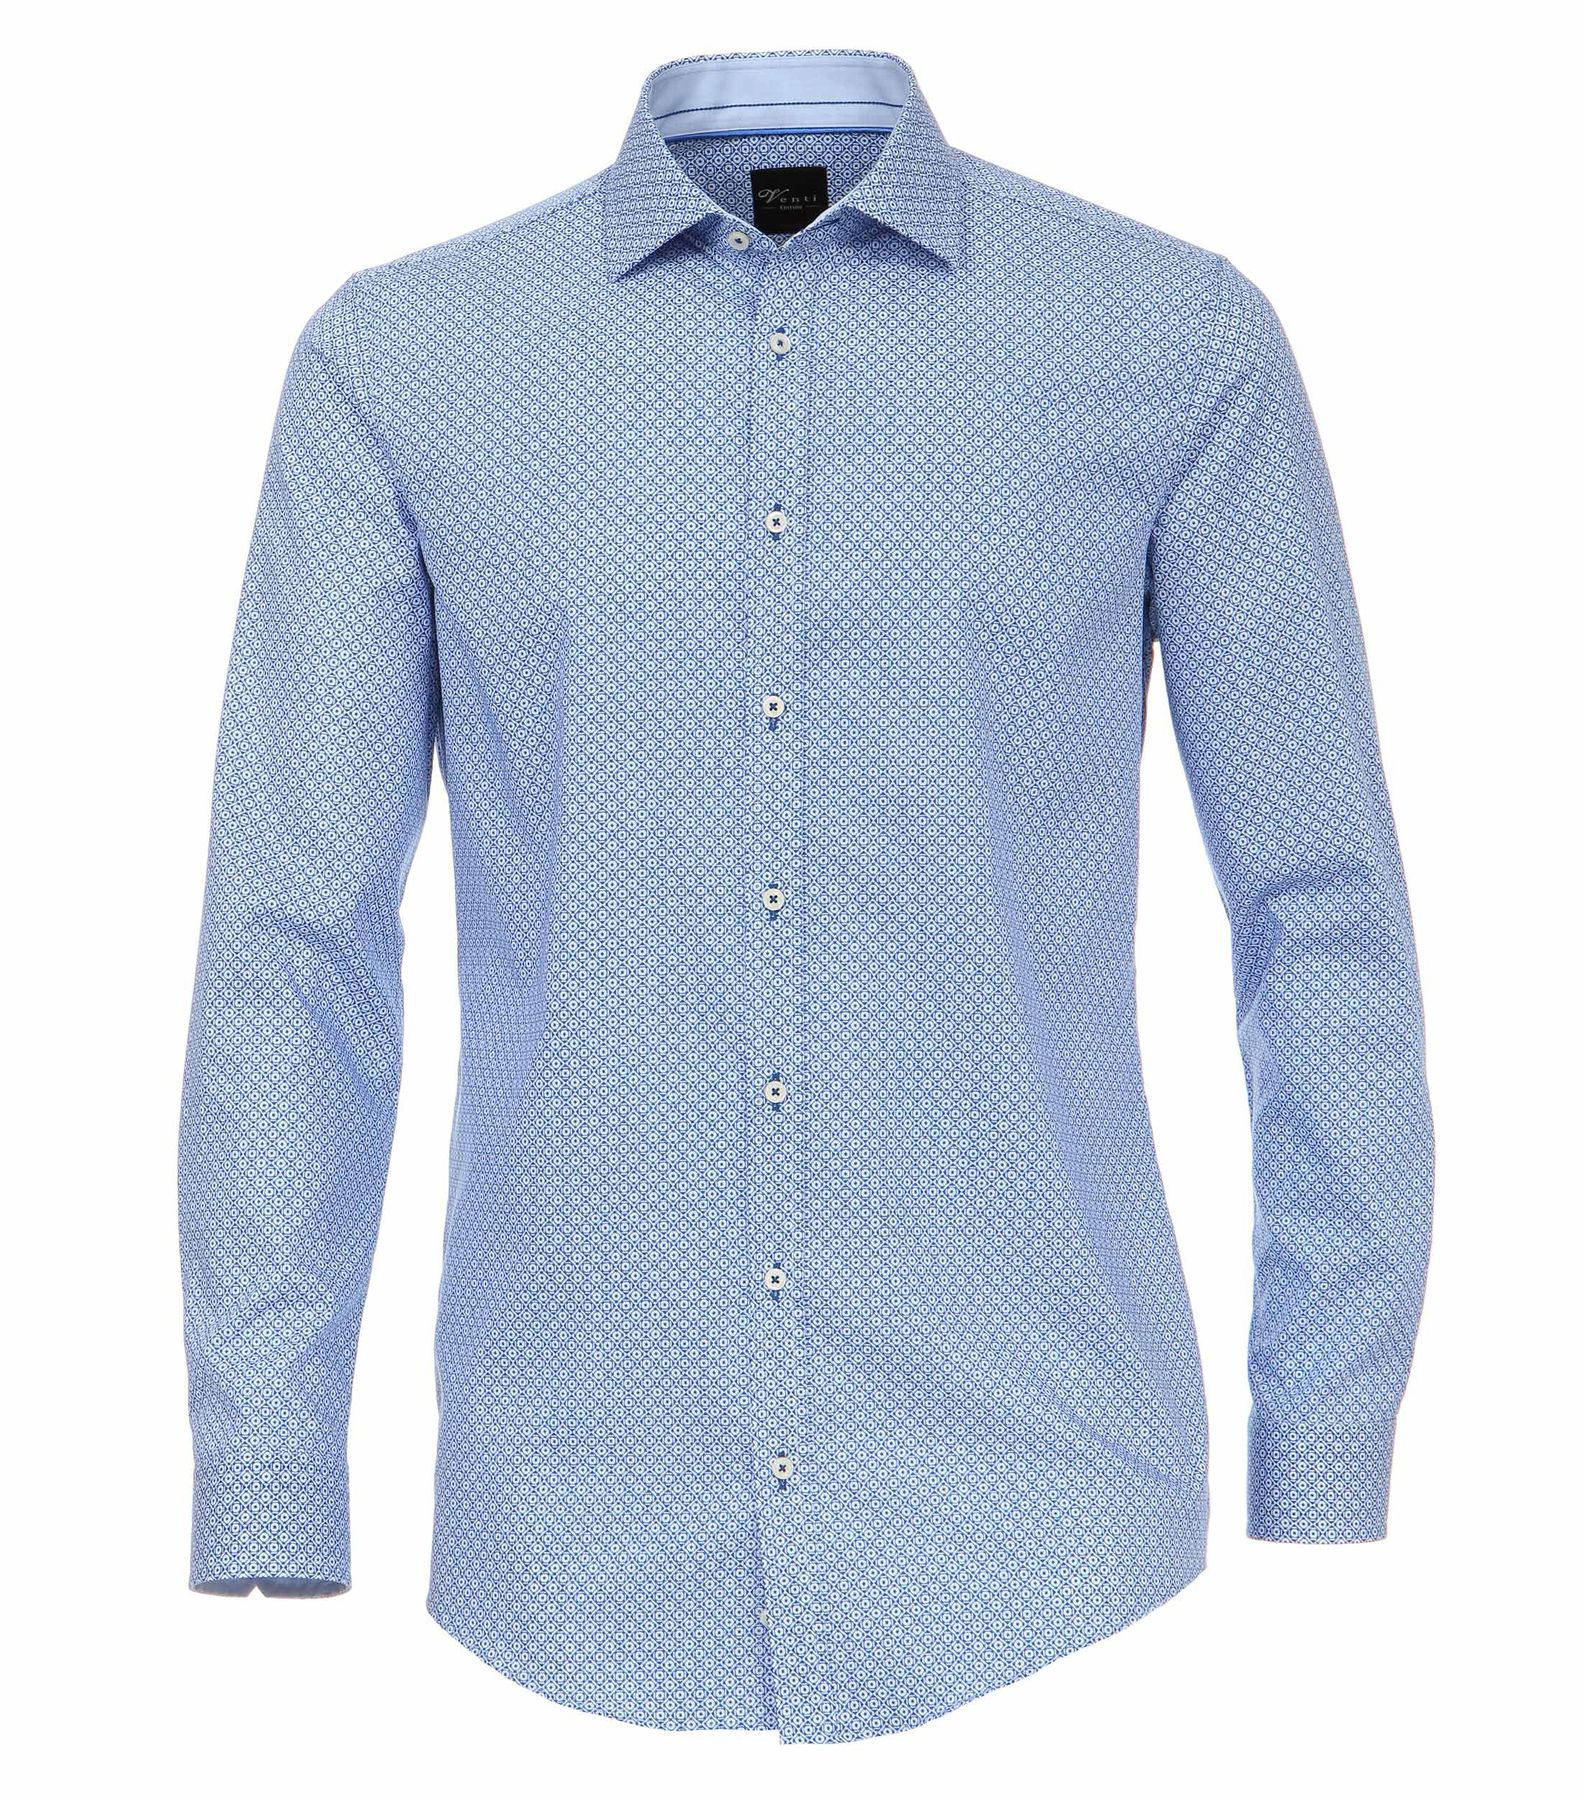 Venti - Body Fit - Herren Hemd mit modischem Druck und aus 100% Baumwolle mit Kent Kragen (172678100) – Bild 1